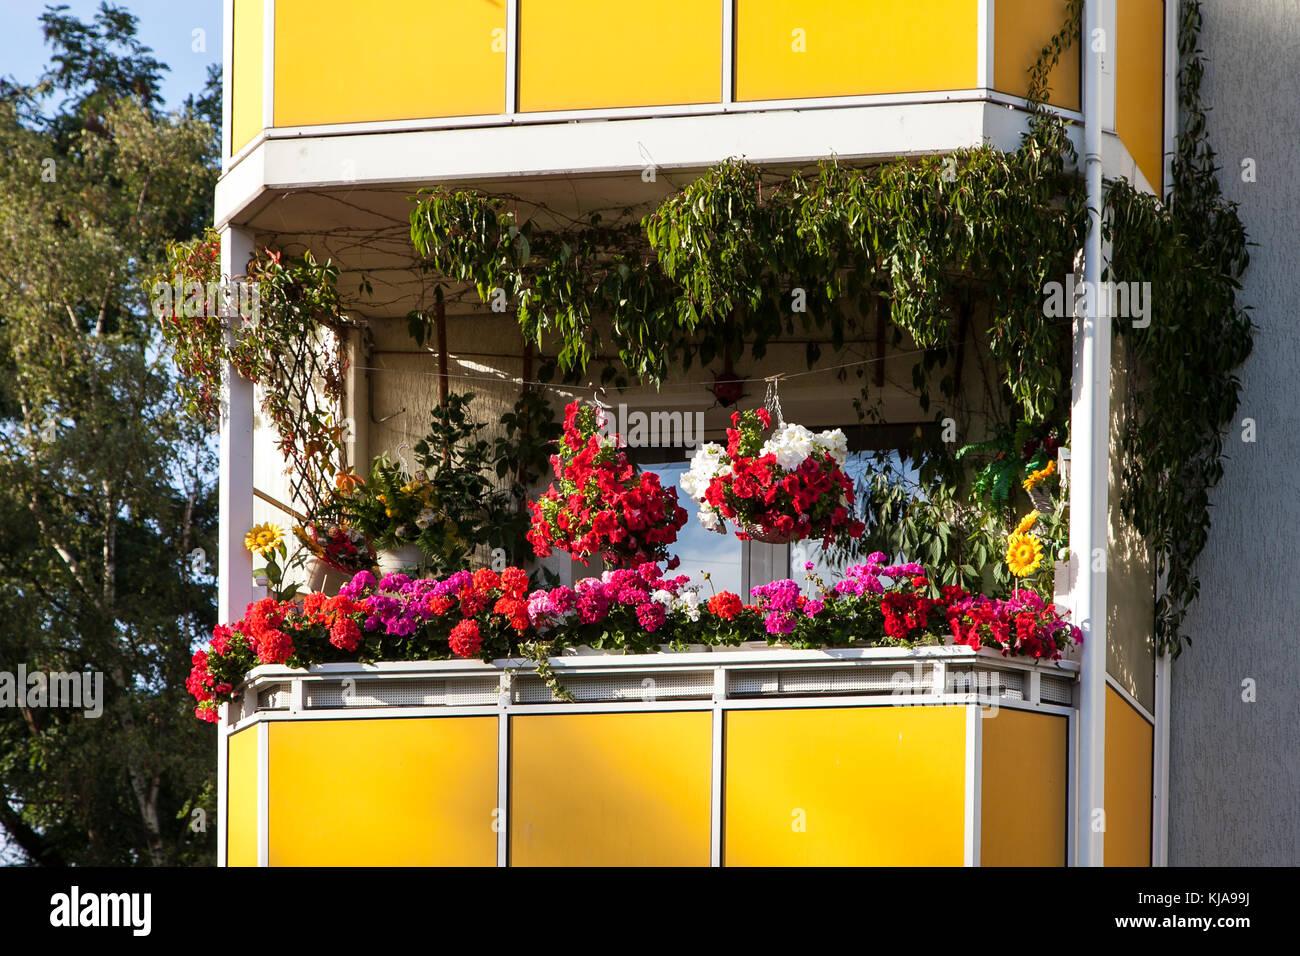 Schöner Wohnen Balkon blütenmeer auf dem balkon / schöner wohnen stock photo: 166183966